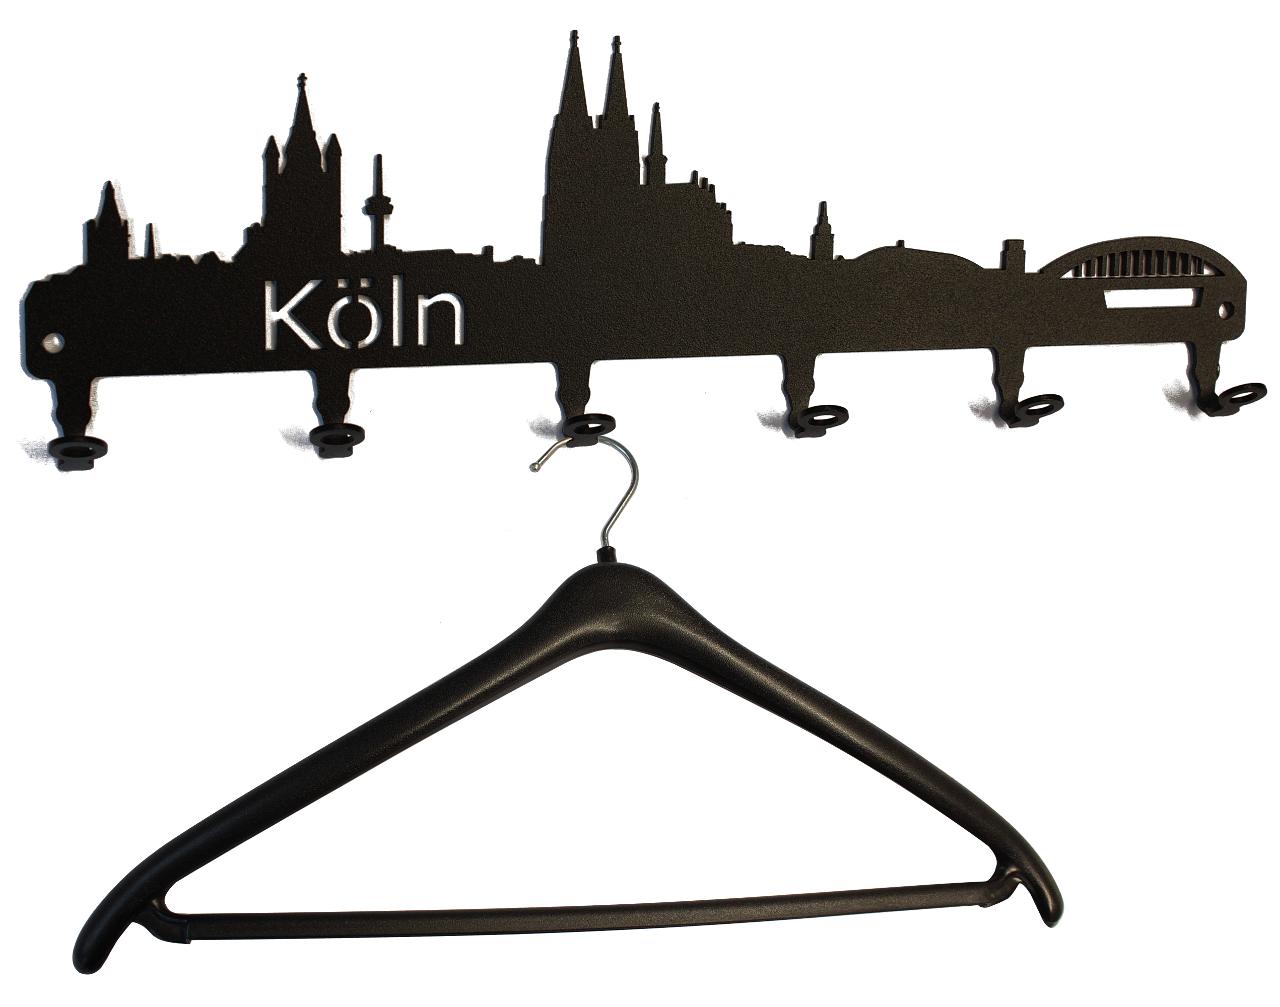 Bezaubernd Wandtattoo Köln Dekoration Von Wandgarderobe Köln